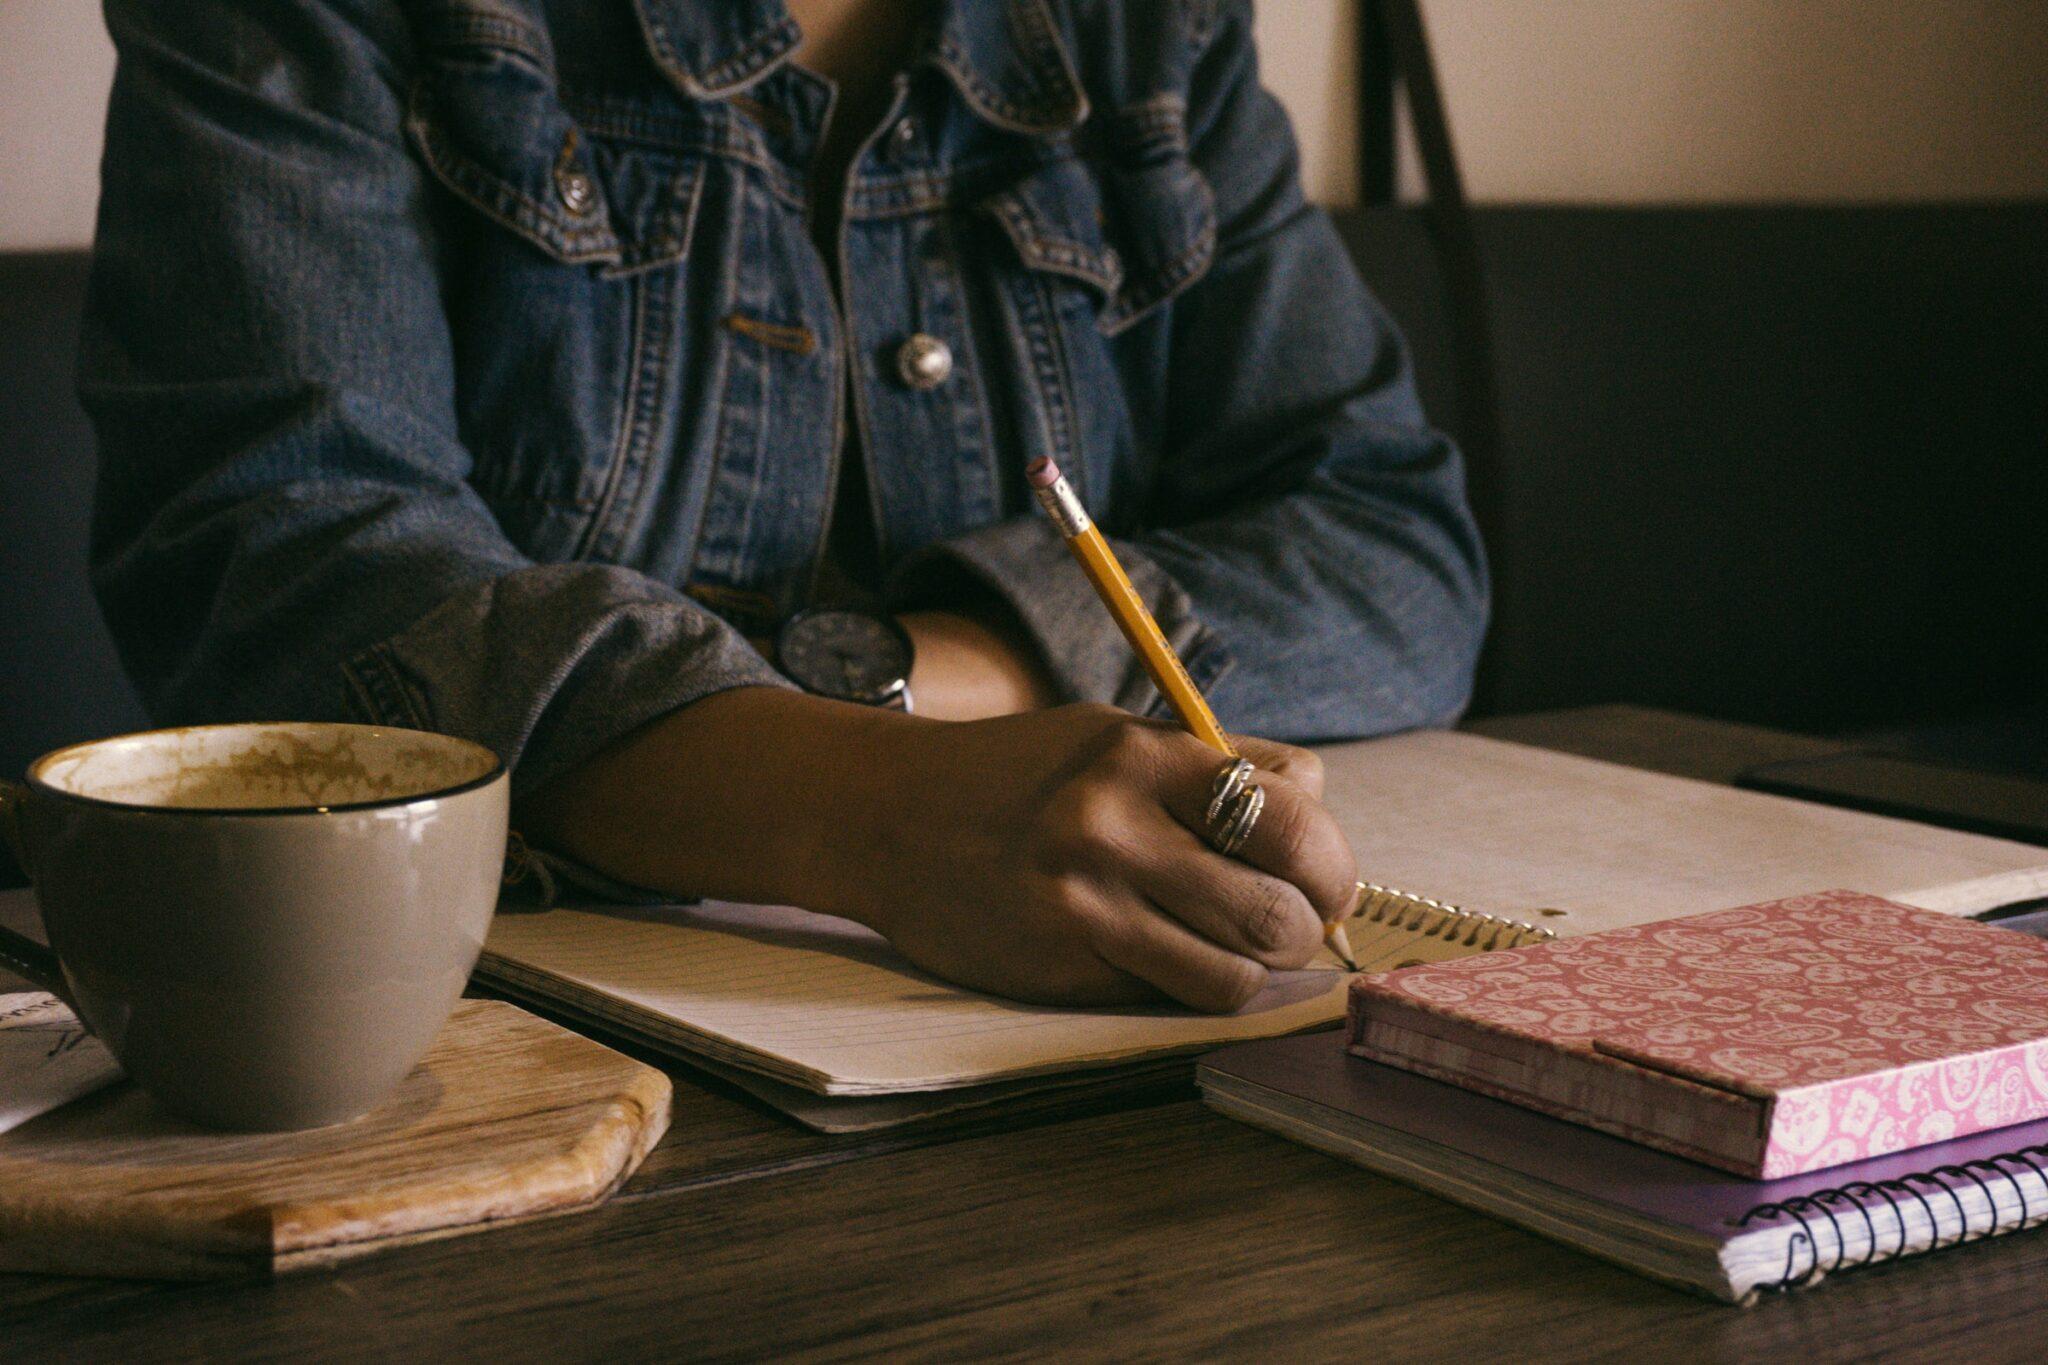 Eine Frau schreibt mit der Hand etwas in ein Notizbuch